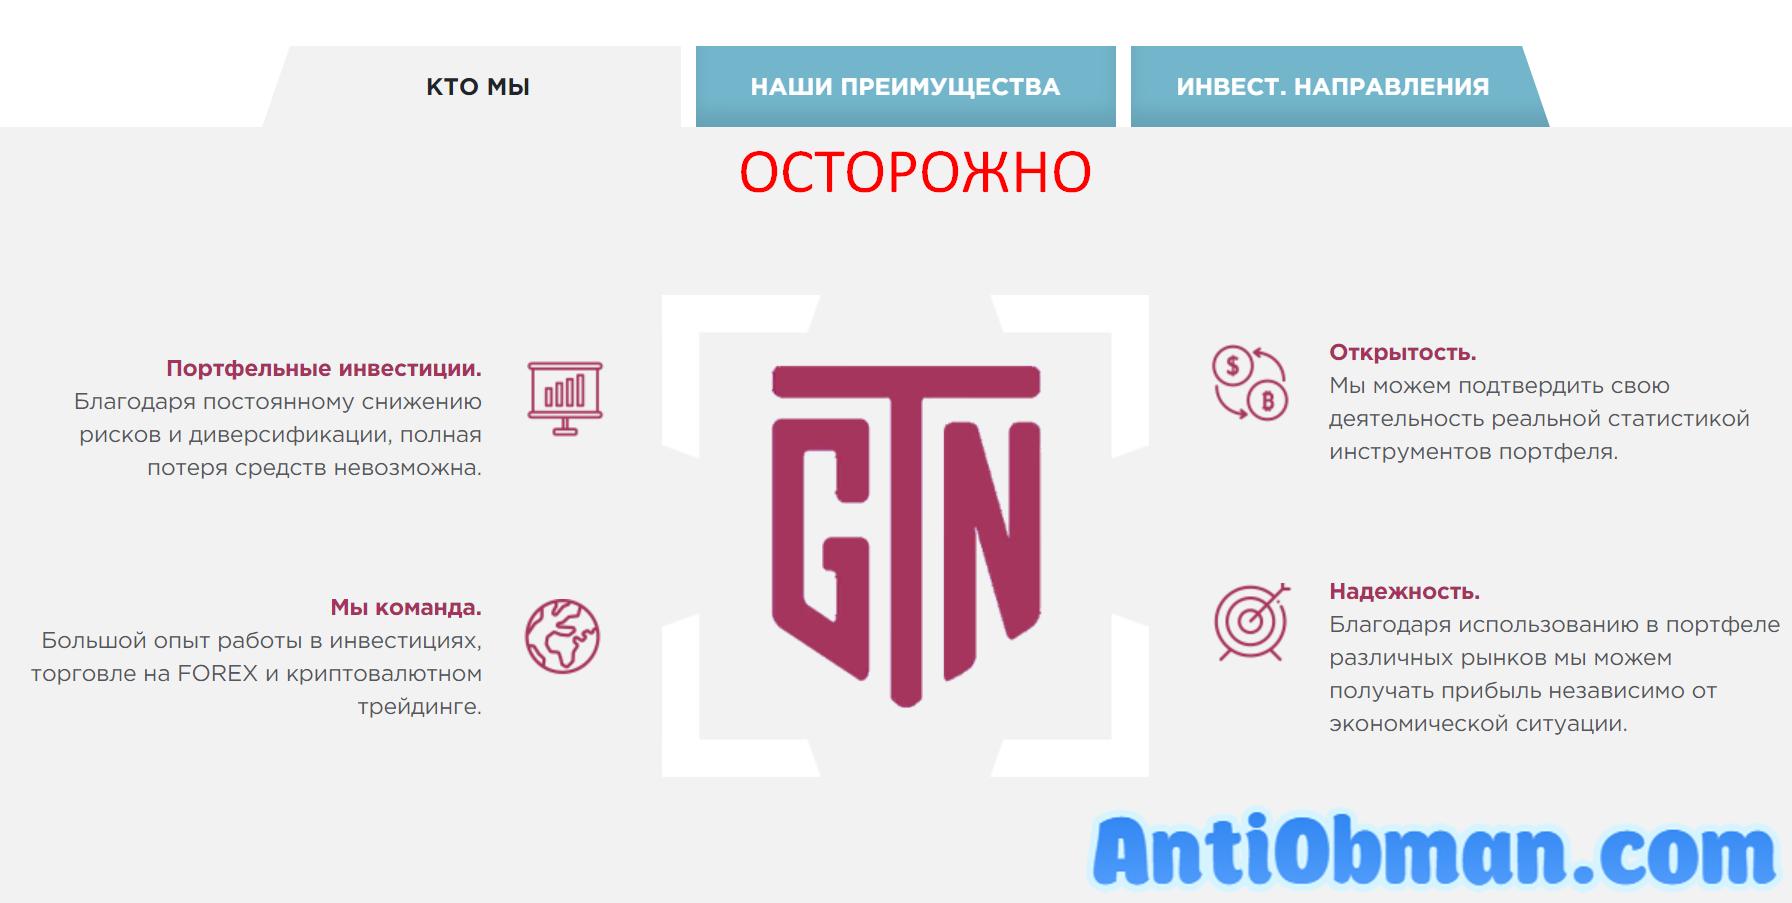 Инвестиционная компания GTN Start (gtn-start.com) - отзывы и проверка